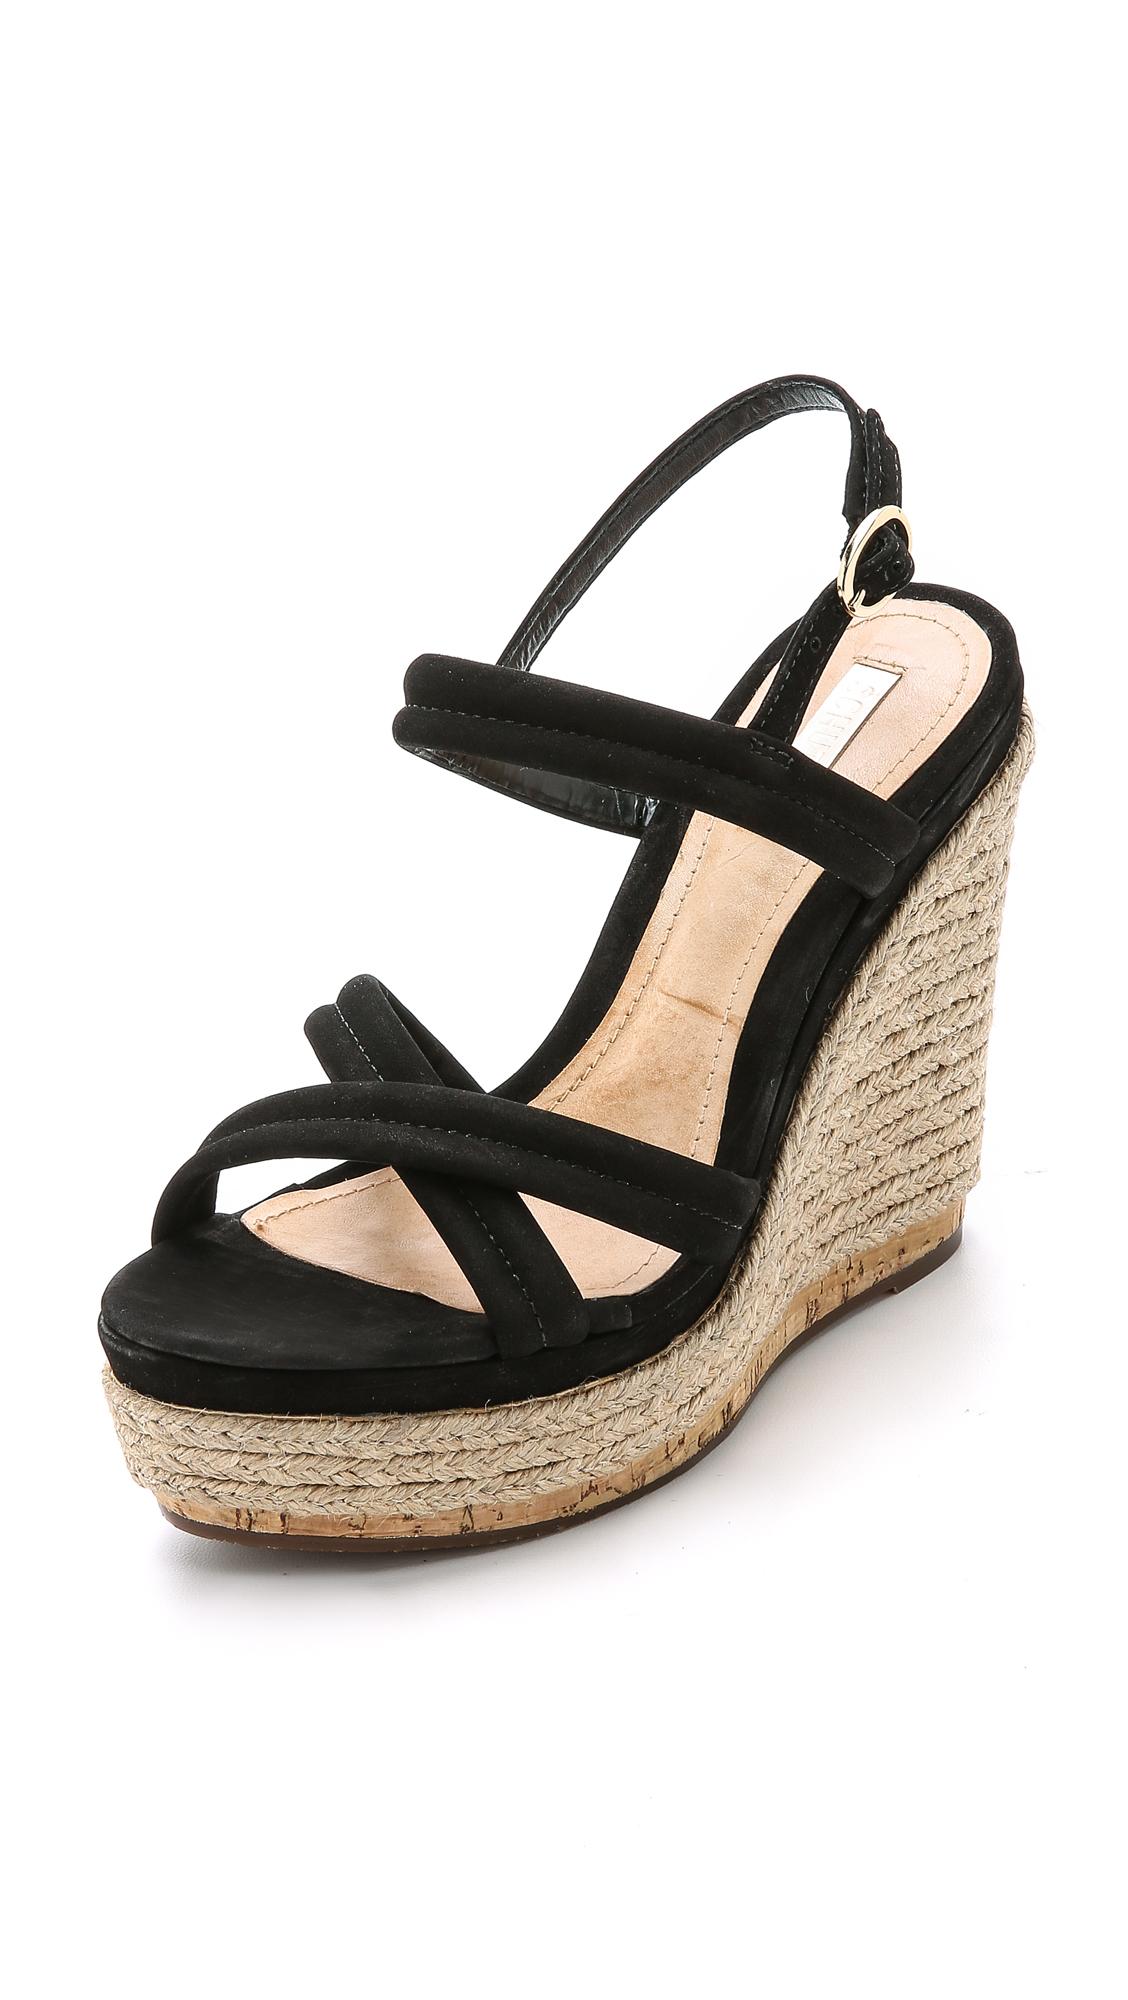 Lyst Schutz Evy Espadrille Wedge Sandals Black In Black